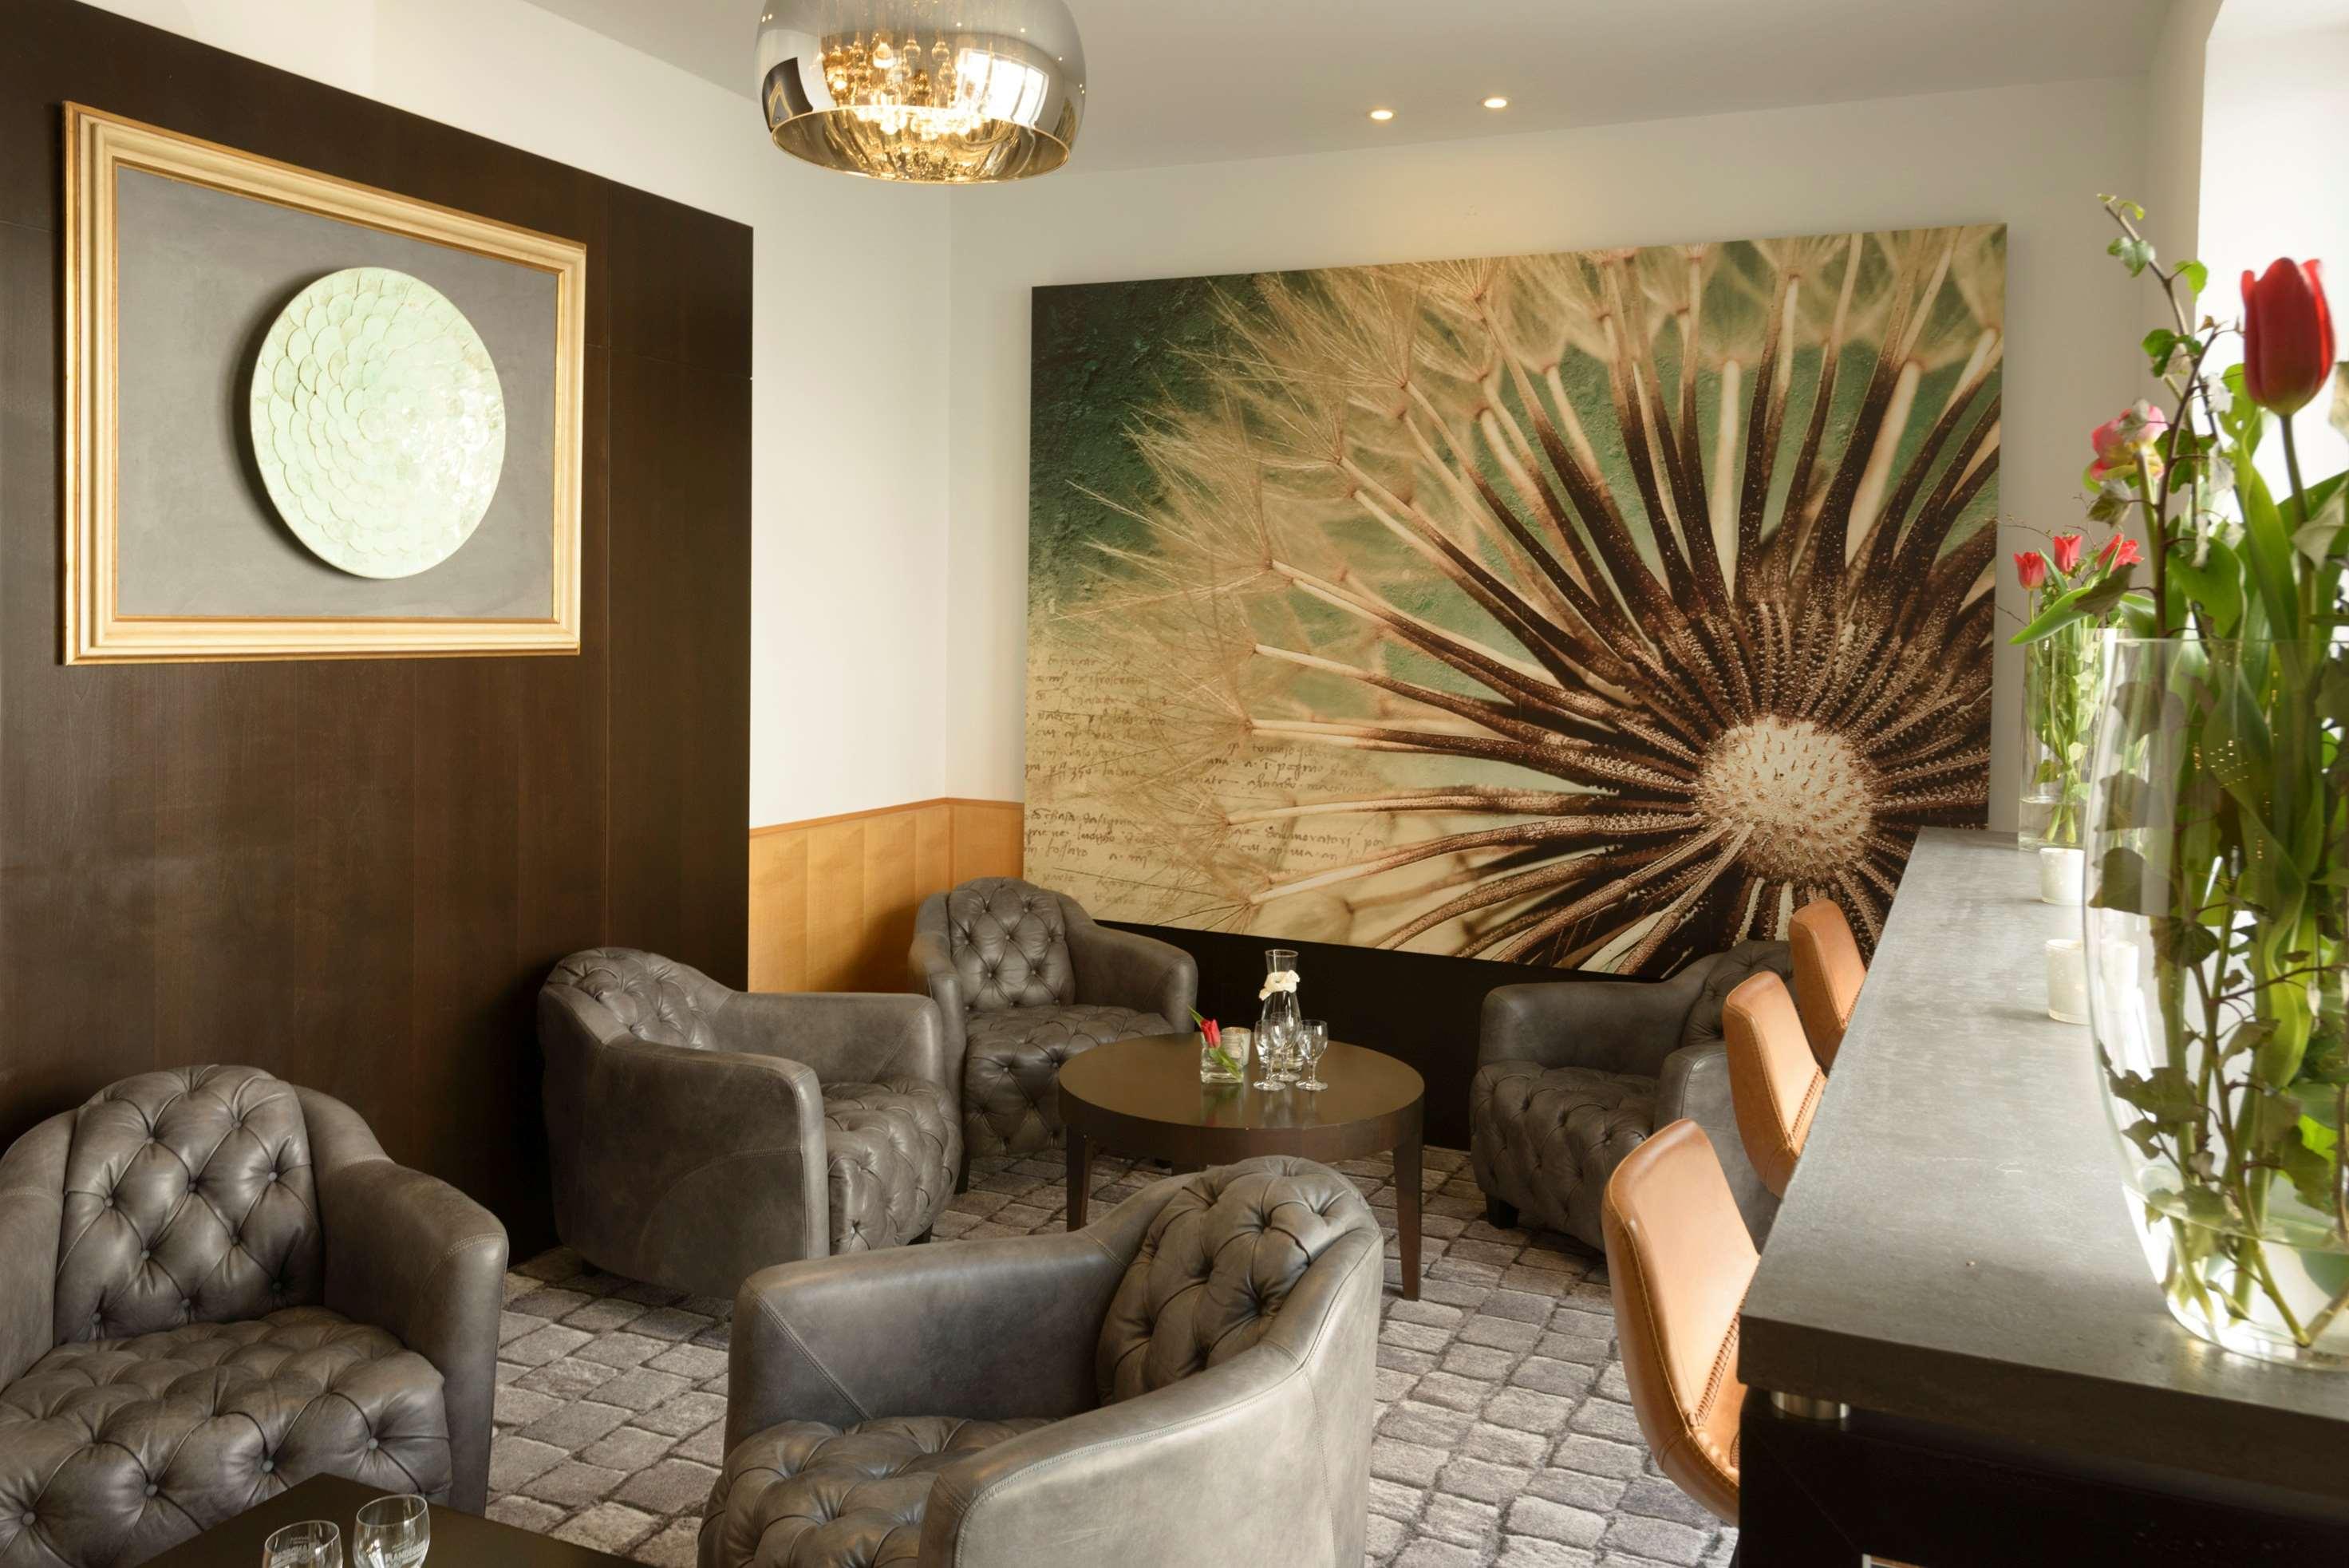 hotels und unterkunft in singen hohentwiel infobel deutschland. Black Bedroom Furniture Sets. Home Design Ideas